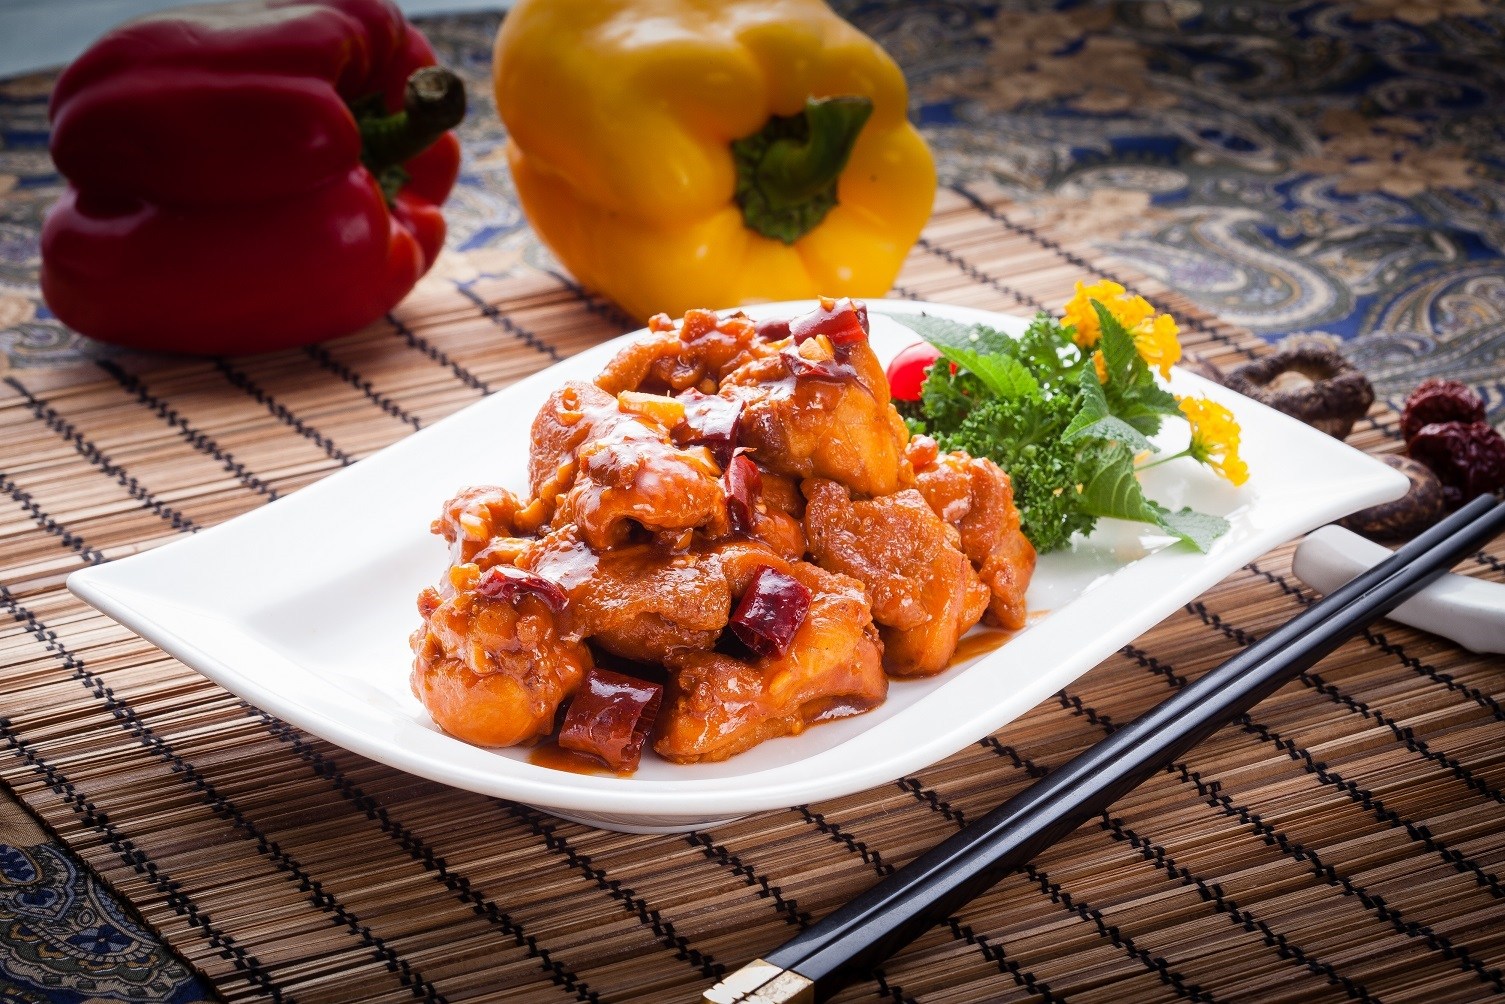 Hunan Chicken Vs General Tso